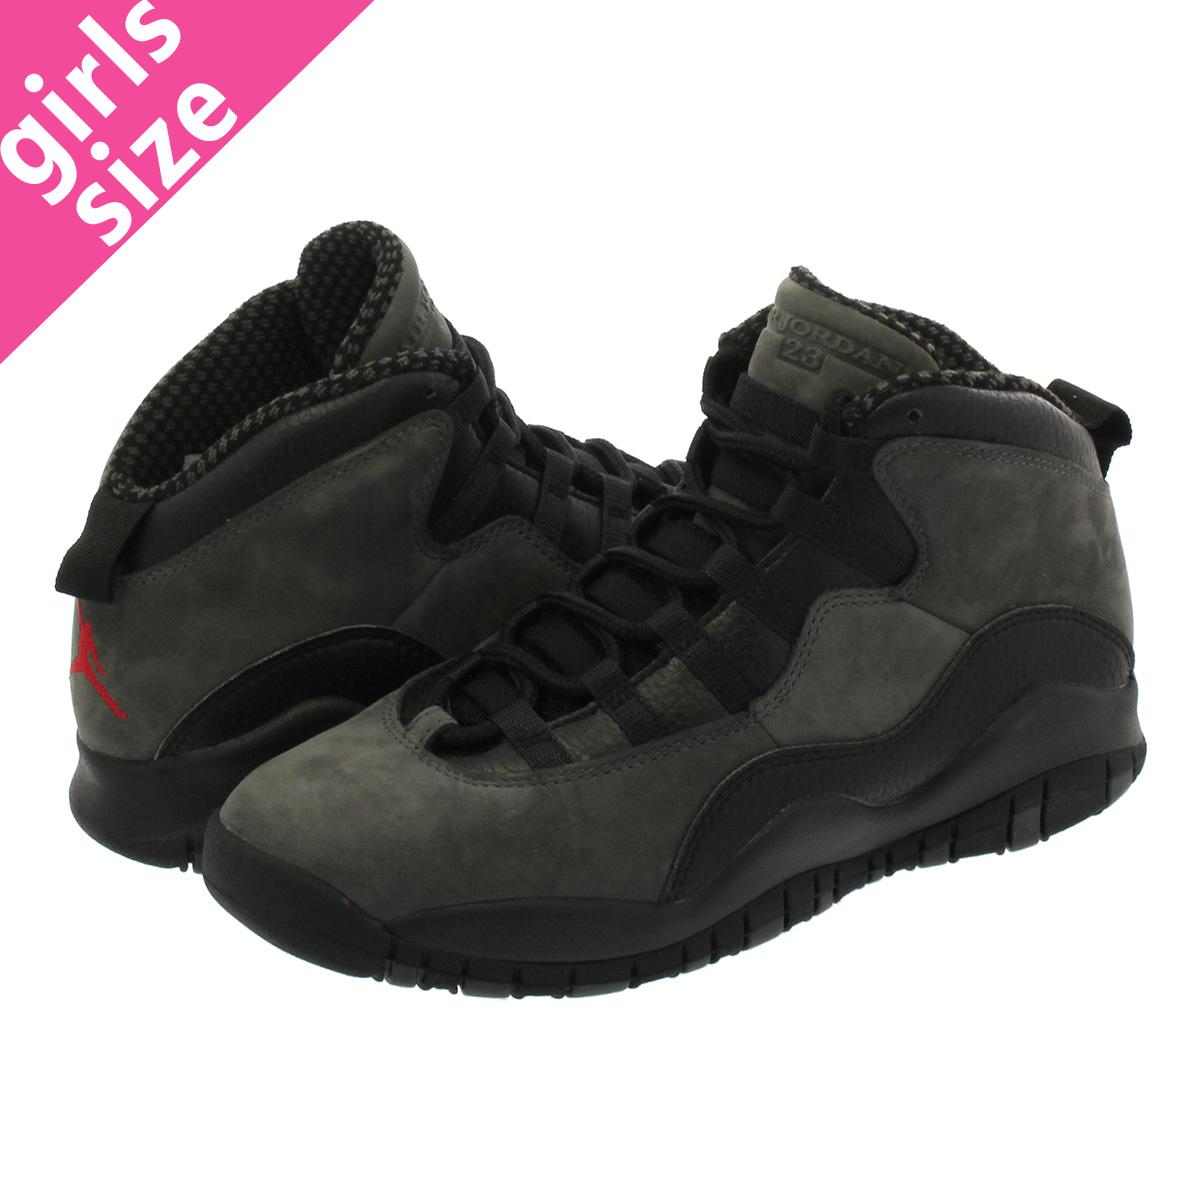 678b3a883866 NIKE AIR JORDAN 10 RETRO BG Nike Air Jordan 10 nostalgic BG DARK SHADOW TRUE  RED BLACK 310